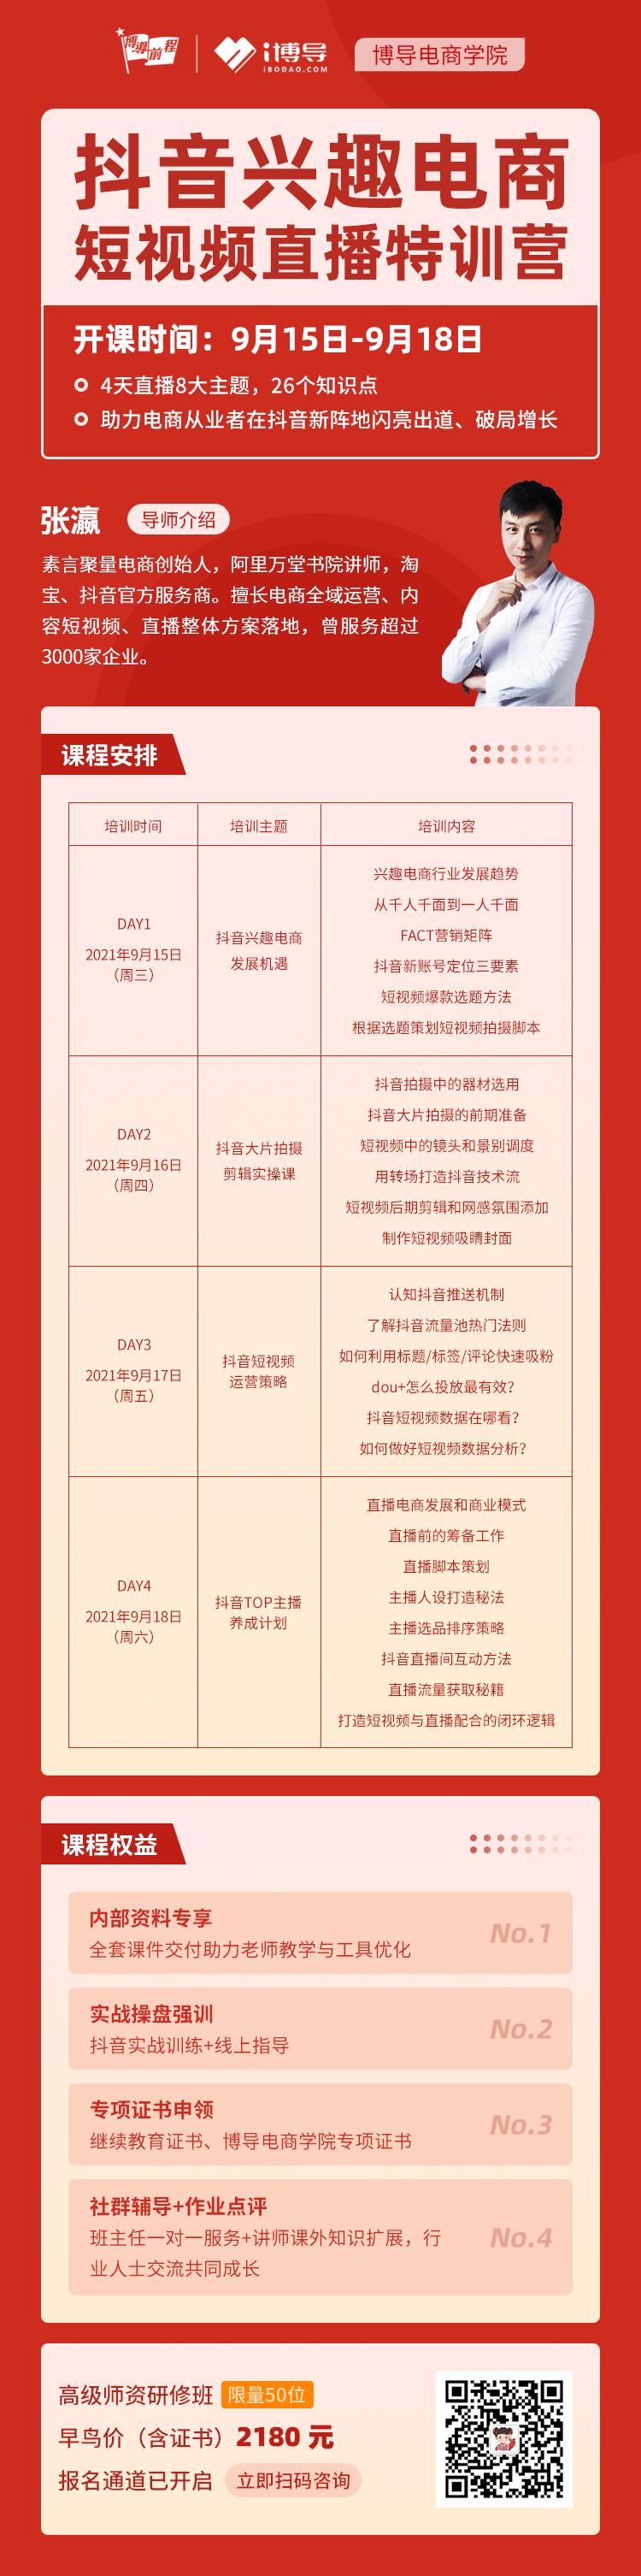 02朋友圈海报加课程(750-3012).jpg